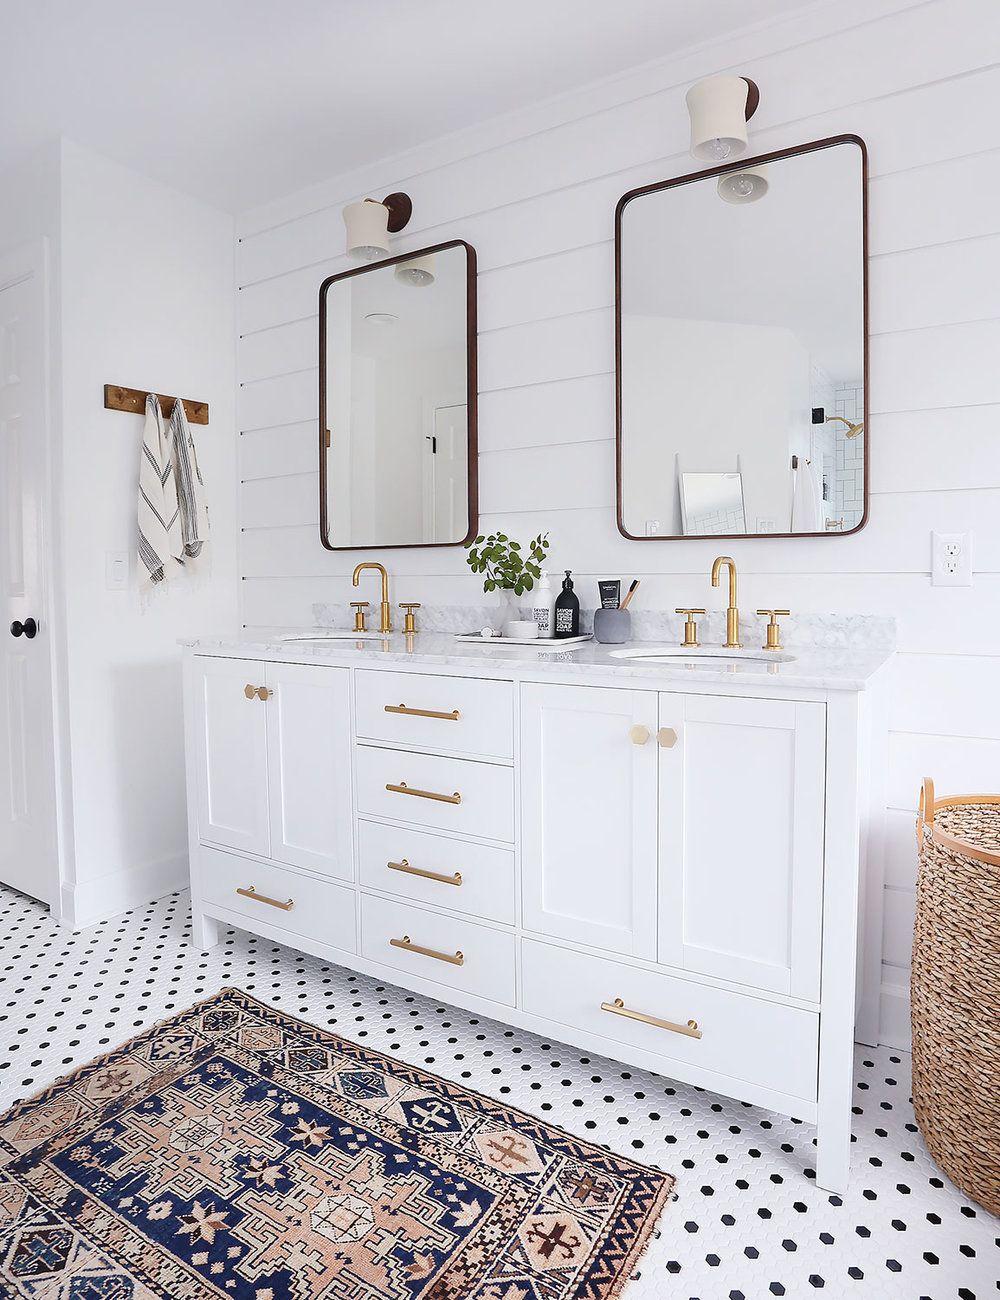 pin von r akuz auf interior in 2018 pinterest badezimmer einrichten und wohnen und wohnen. Black Bedroom Furniture Sets. Home Design Ideas